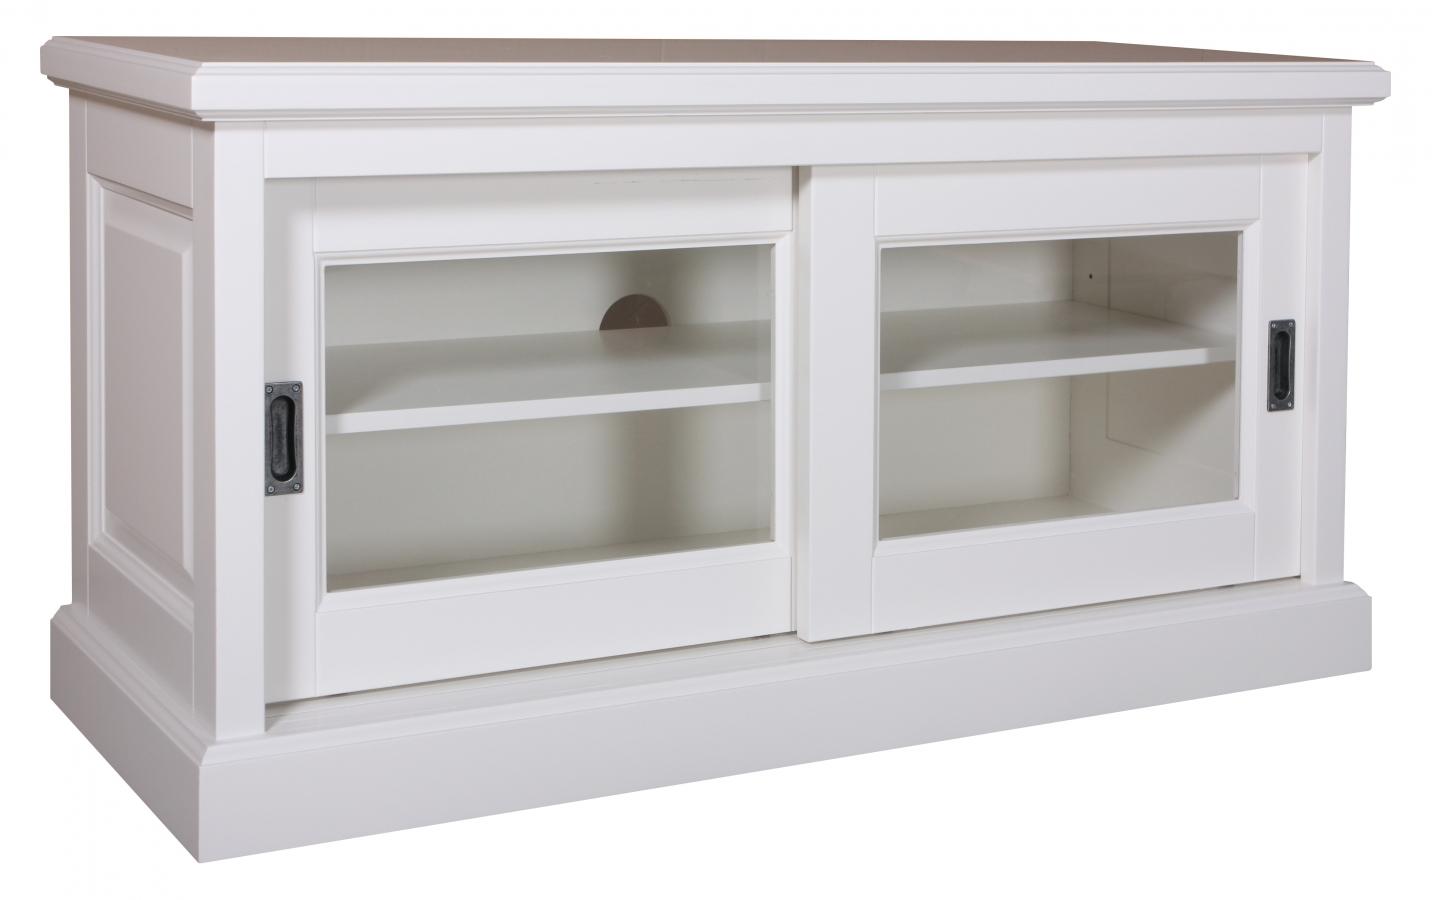 fernsehkommode eyeglass 2 schiebet ren mit glas product. Black Bedroom Furniture Sets. Home Design Ideas